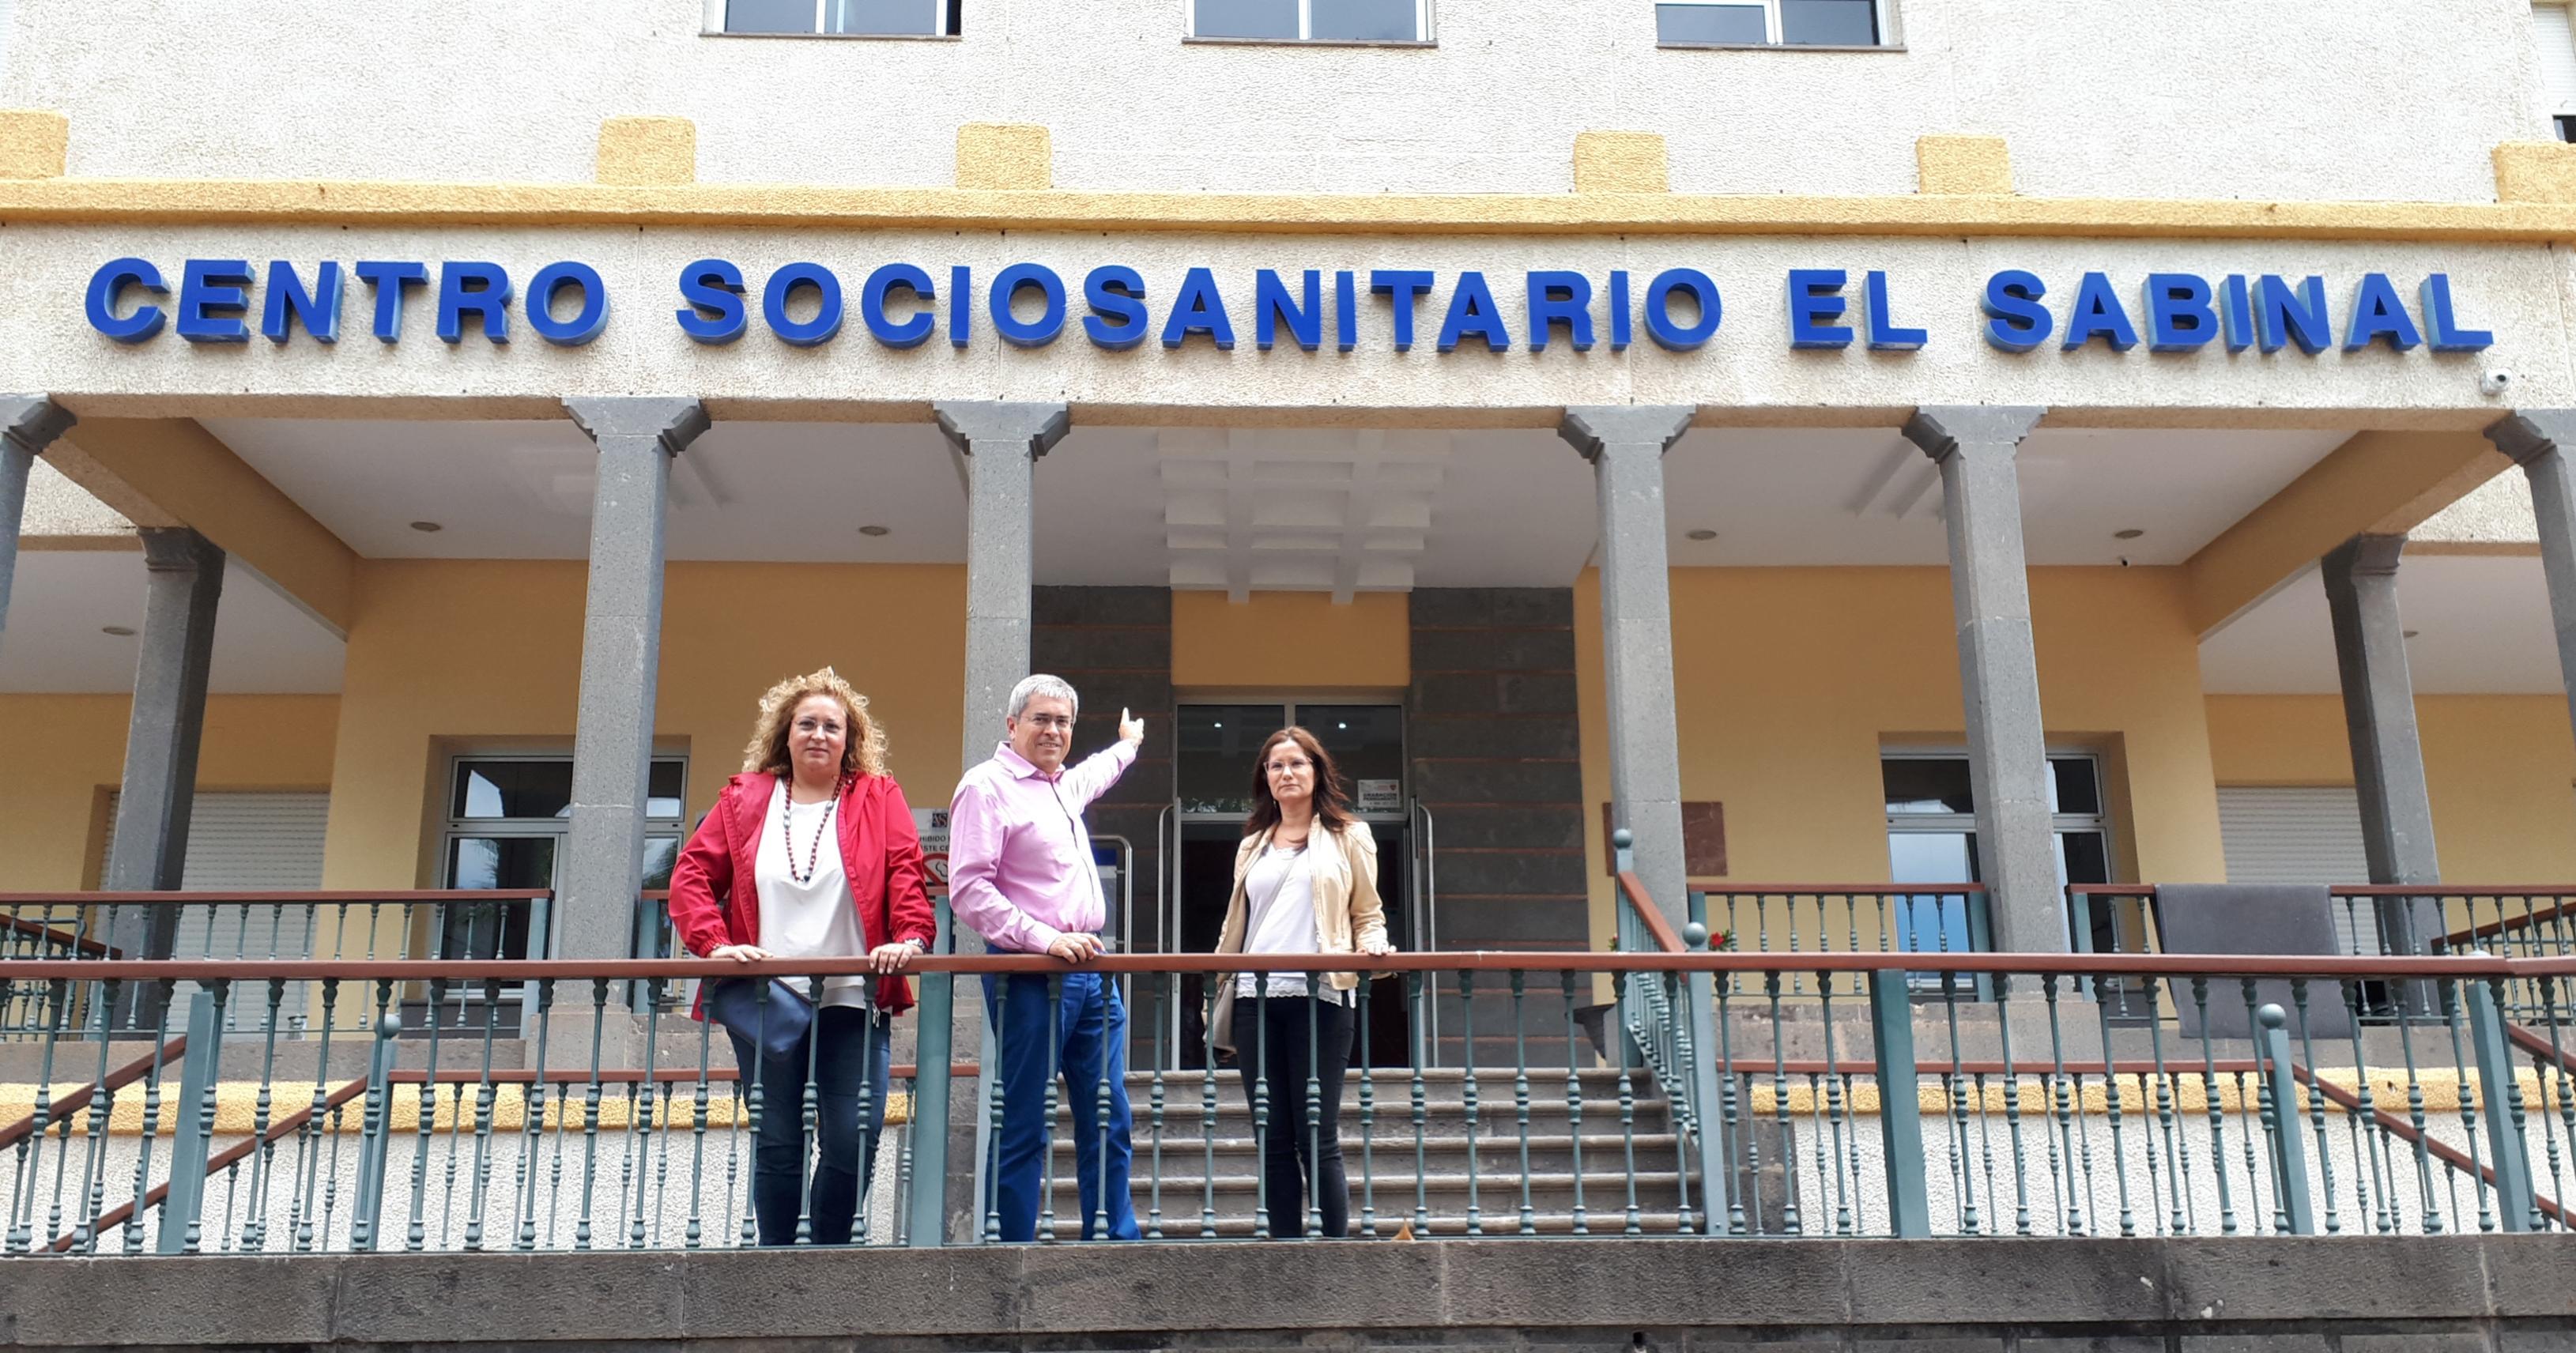 El gobierno de NC y PSOE prohíbe a Marco Aurelio Pérez la entrada al centro sociosanitario El Sabinal